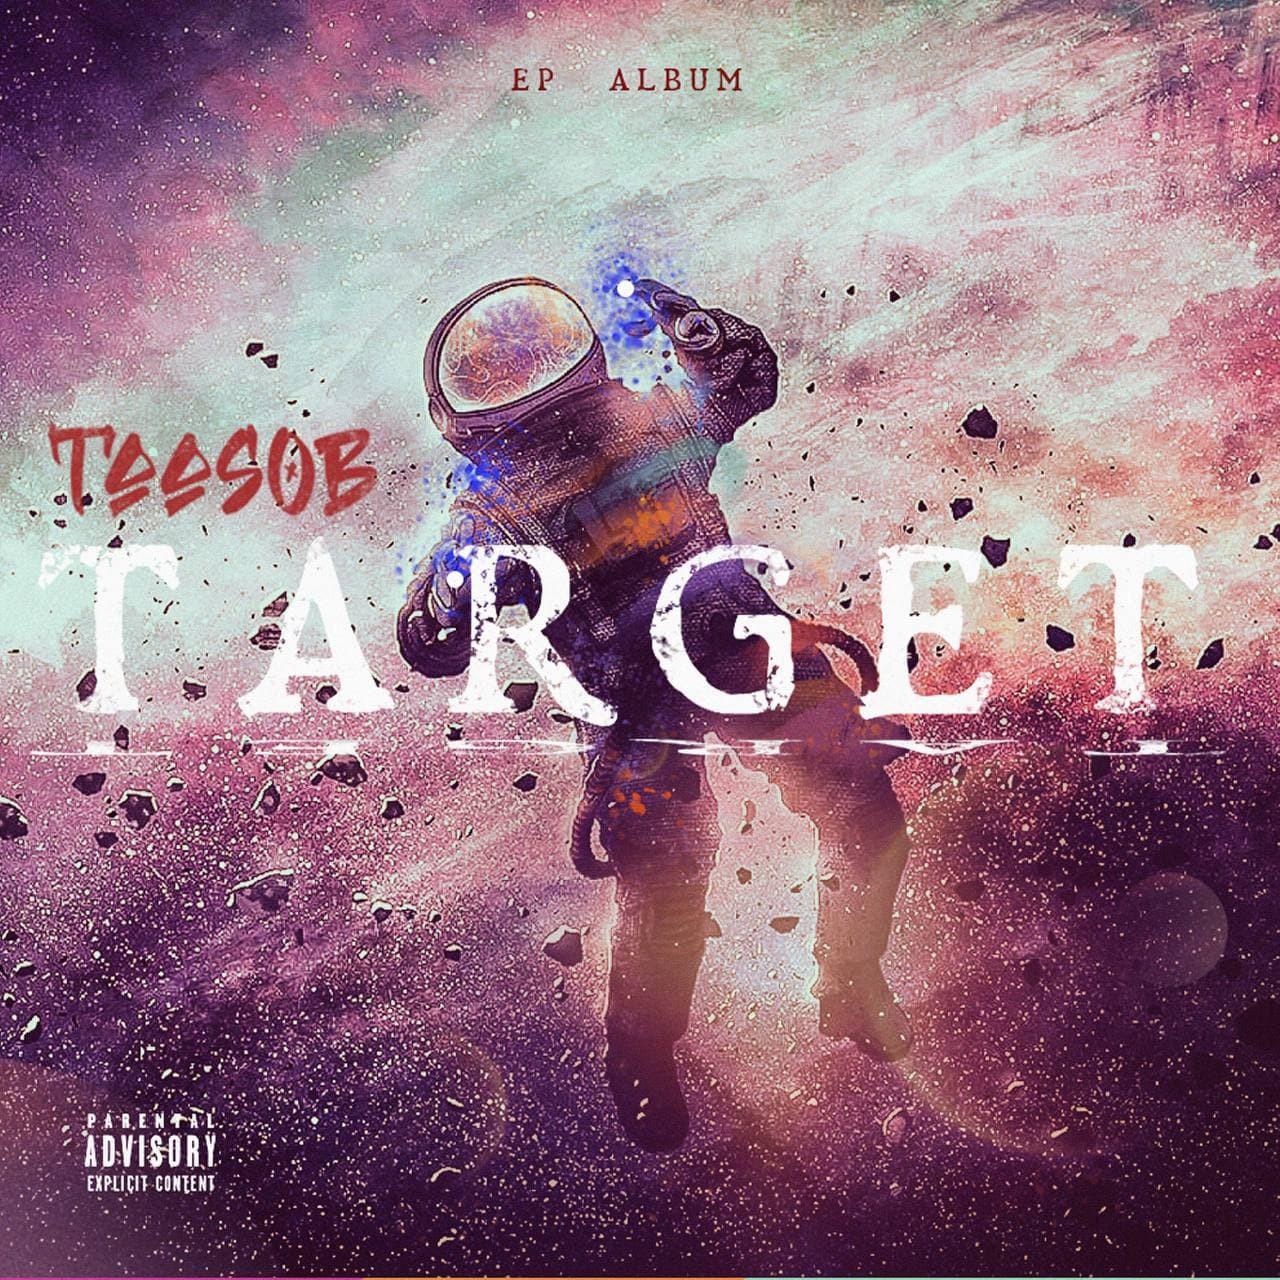 Taasob - Target